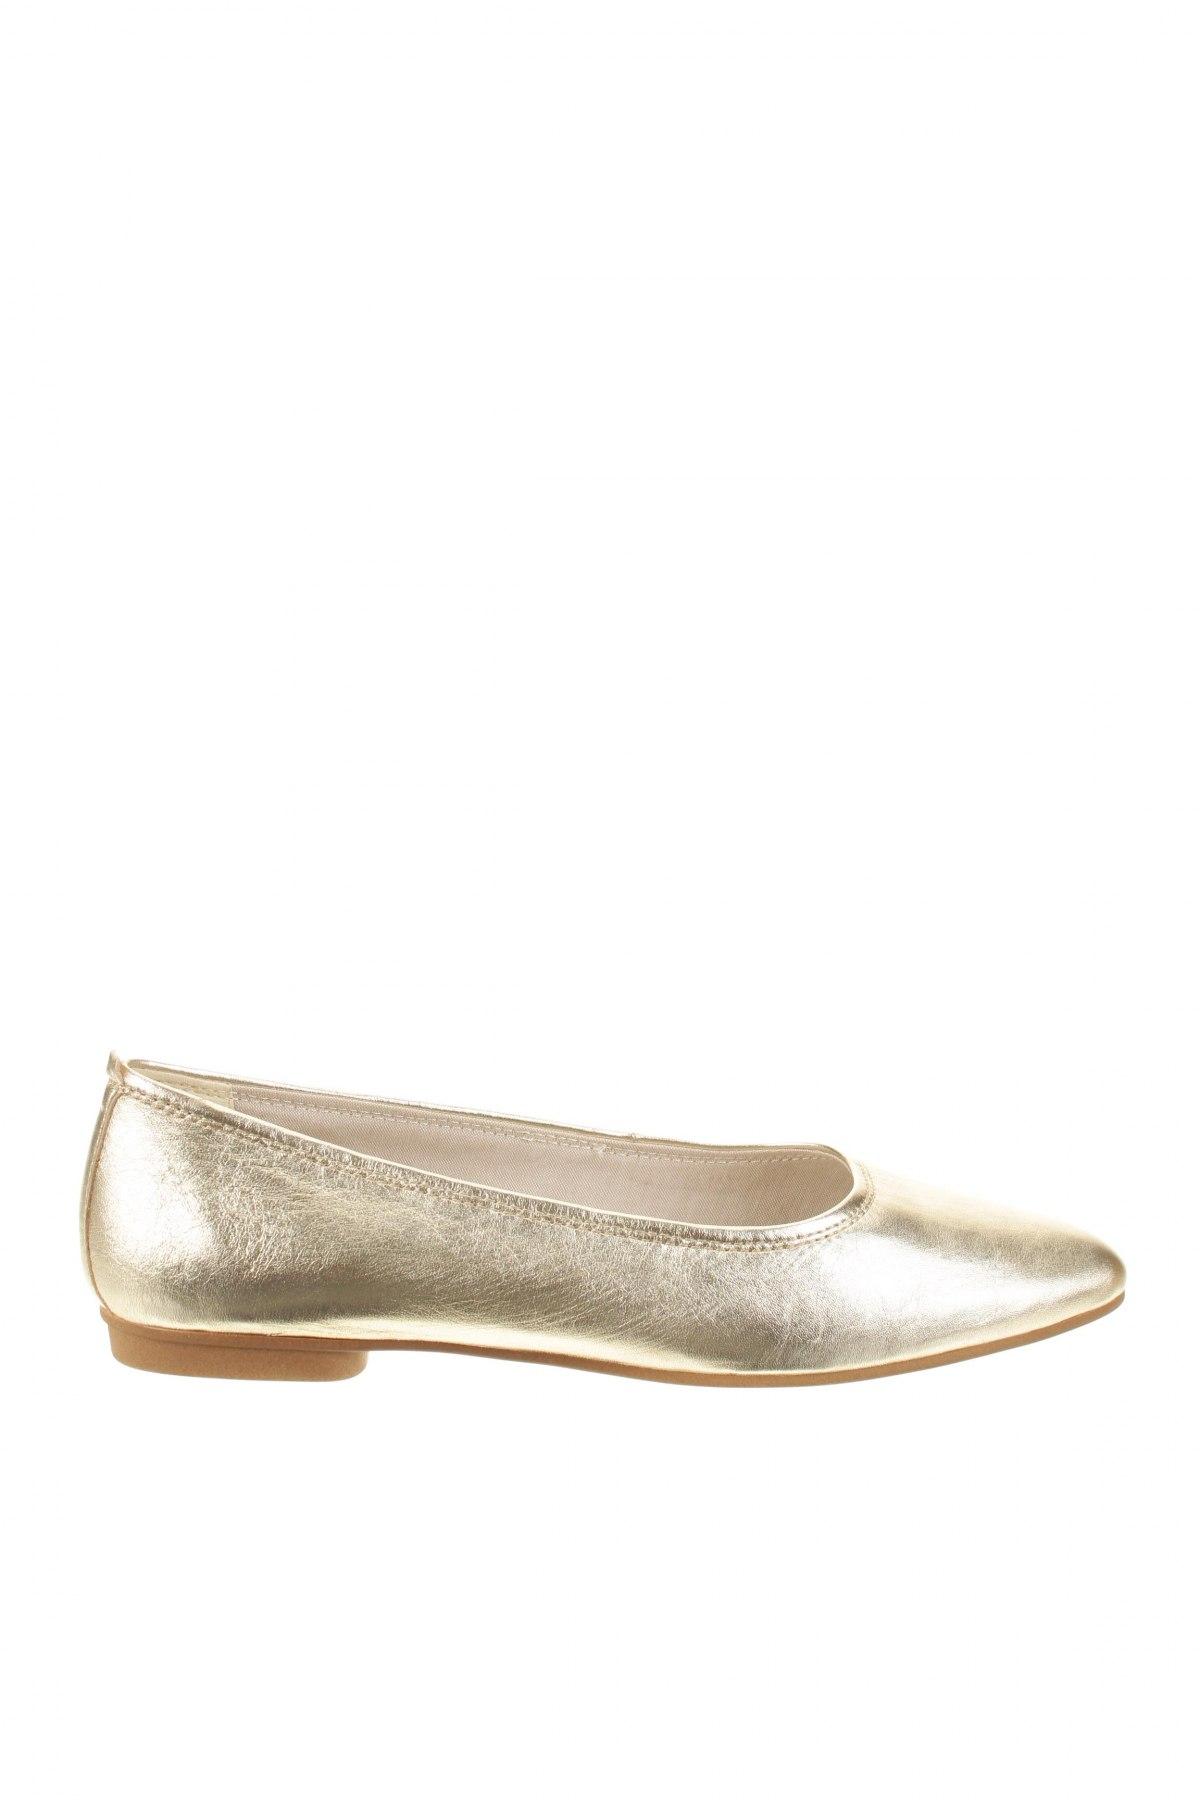 1622c8d960 Dámske topánky Vagabond - za výhodnú cenu na Remix -  103176533